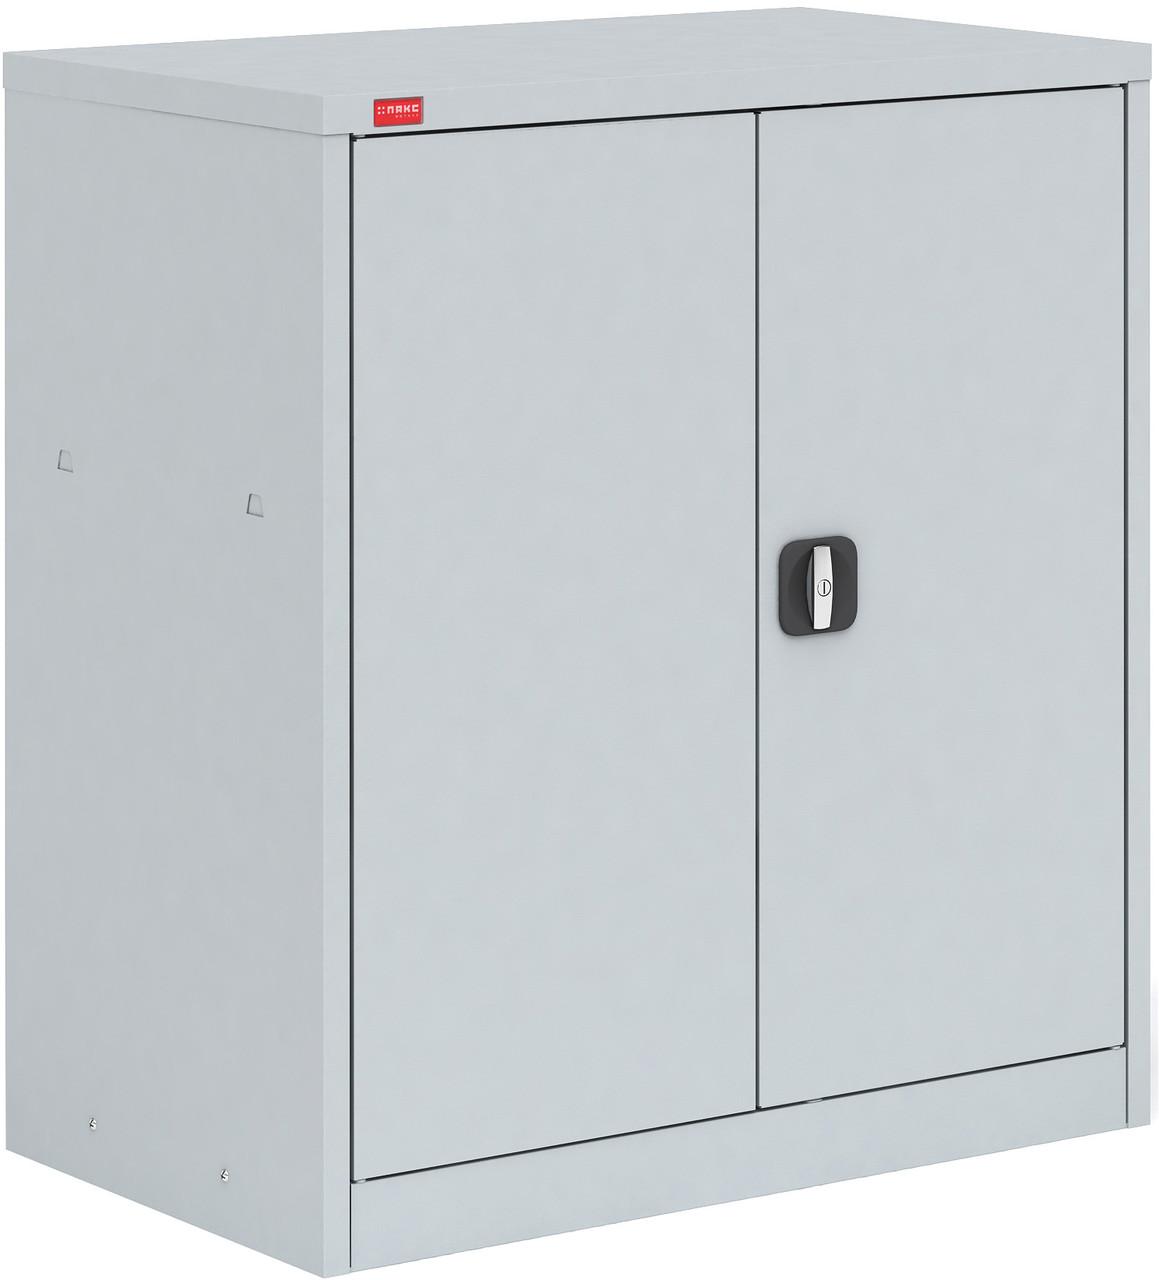 Шкаф архивный металлический ШАМ - 0,5; ШАМ - 0,5/400